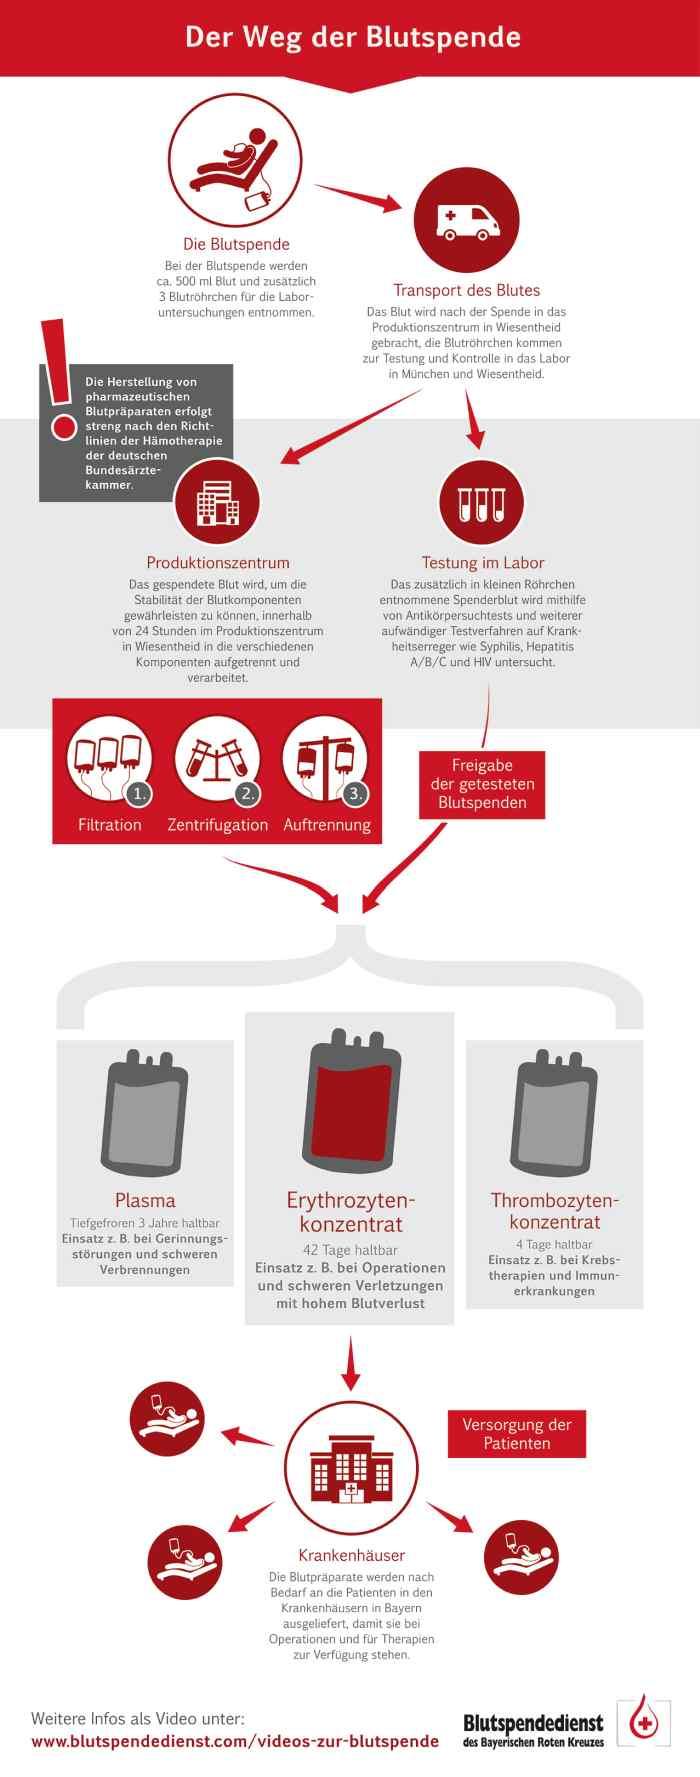 Das Bild zeigt eine graphische Darstellung des Weges einer Blutspende.